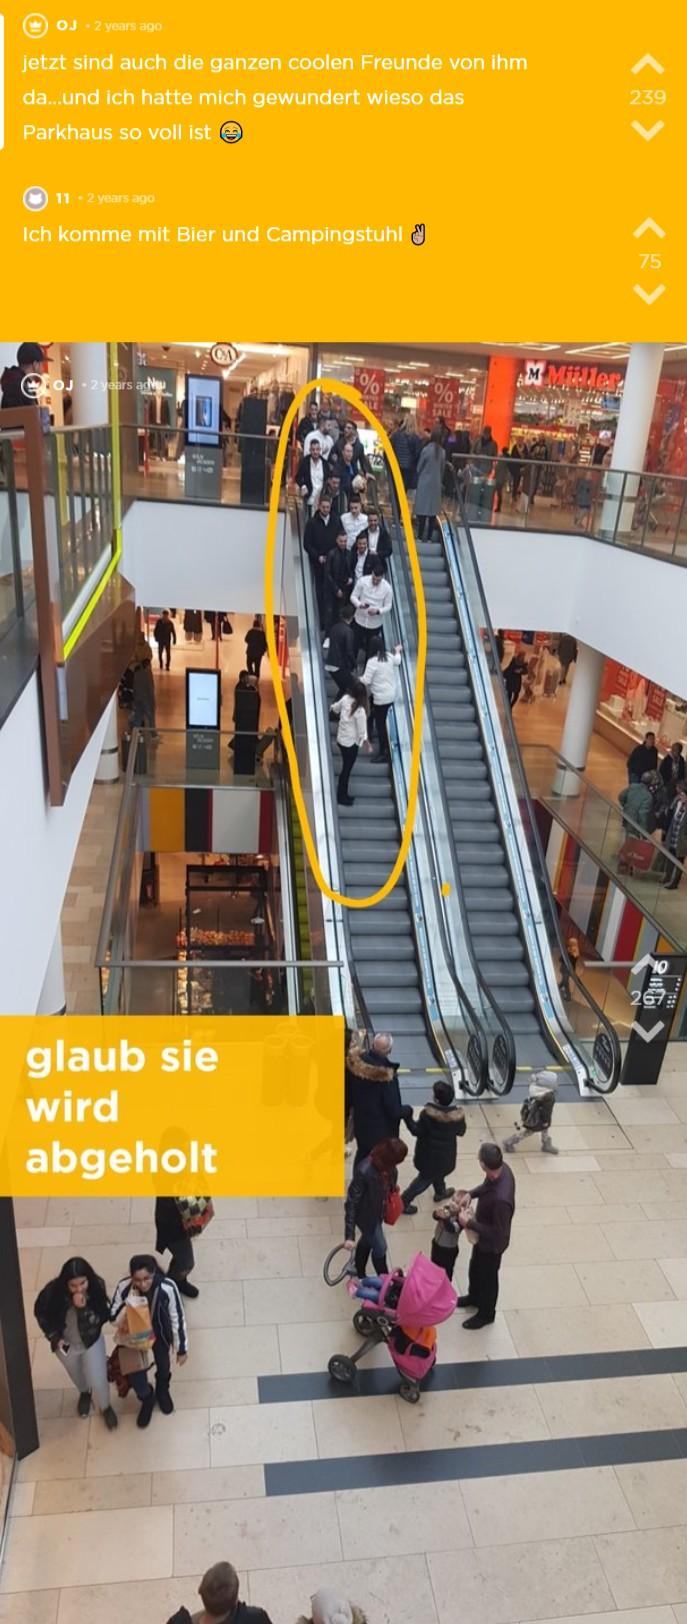 Es werden erste Schritte eingeleitet um die Zielperson in das Einkaufszentrum zu locken